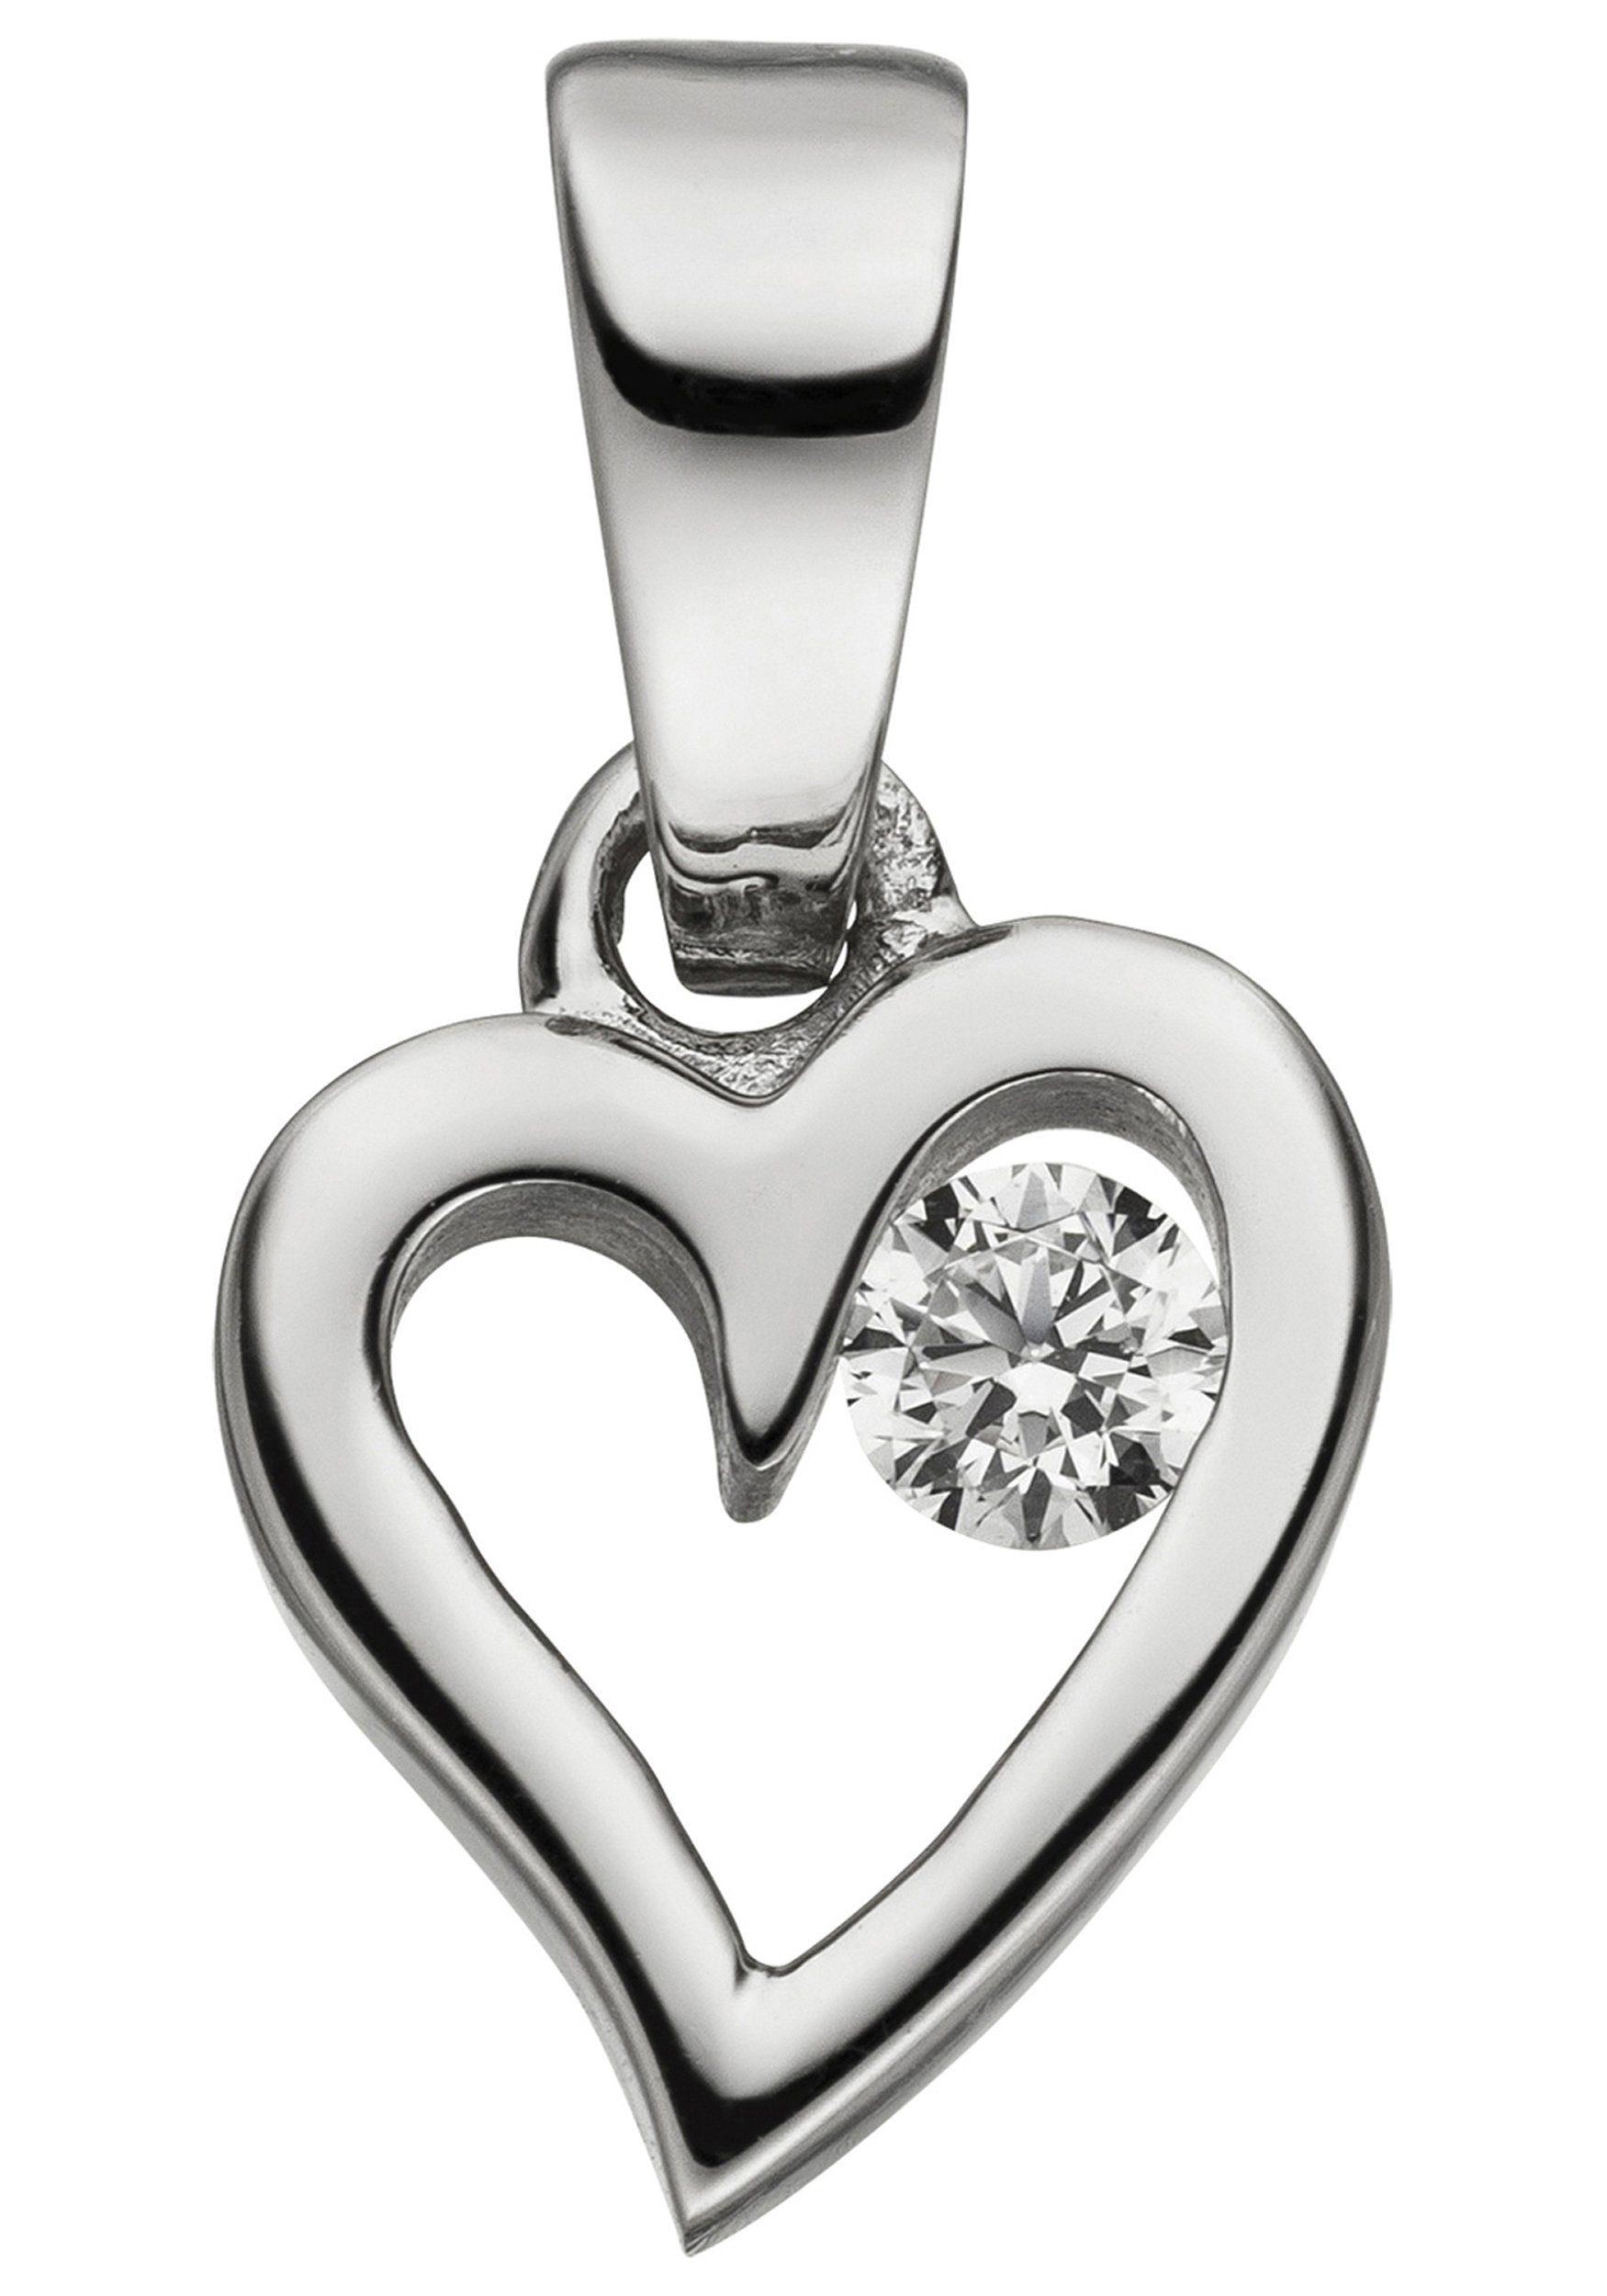 Herzanhänger Mit Kaufen 925 »kleines Silber Jobo Herz« Zirkonia Online 9IeYEHWD2b